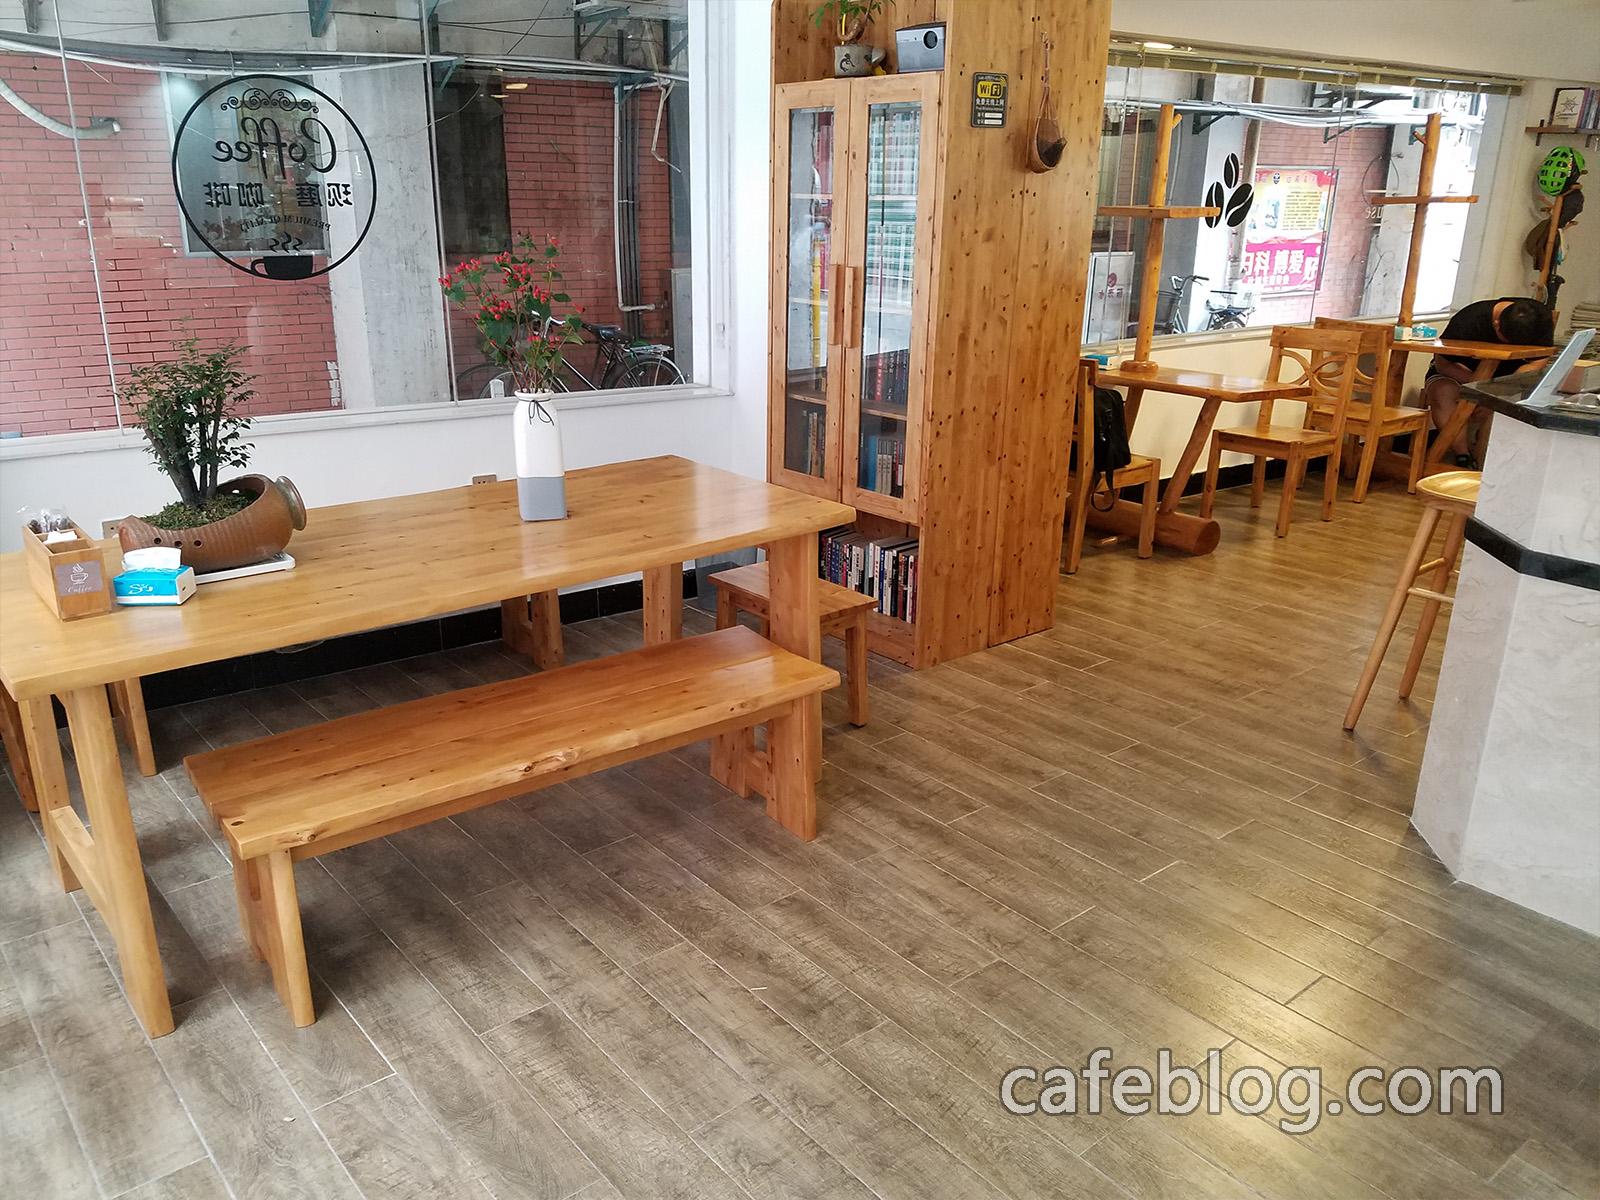 月港咖啡 YueGang Coffee 的1楼情景。